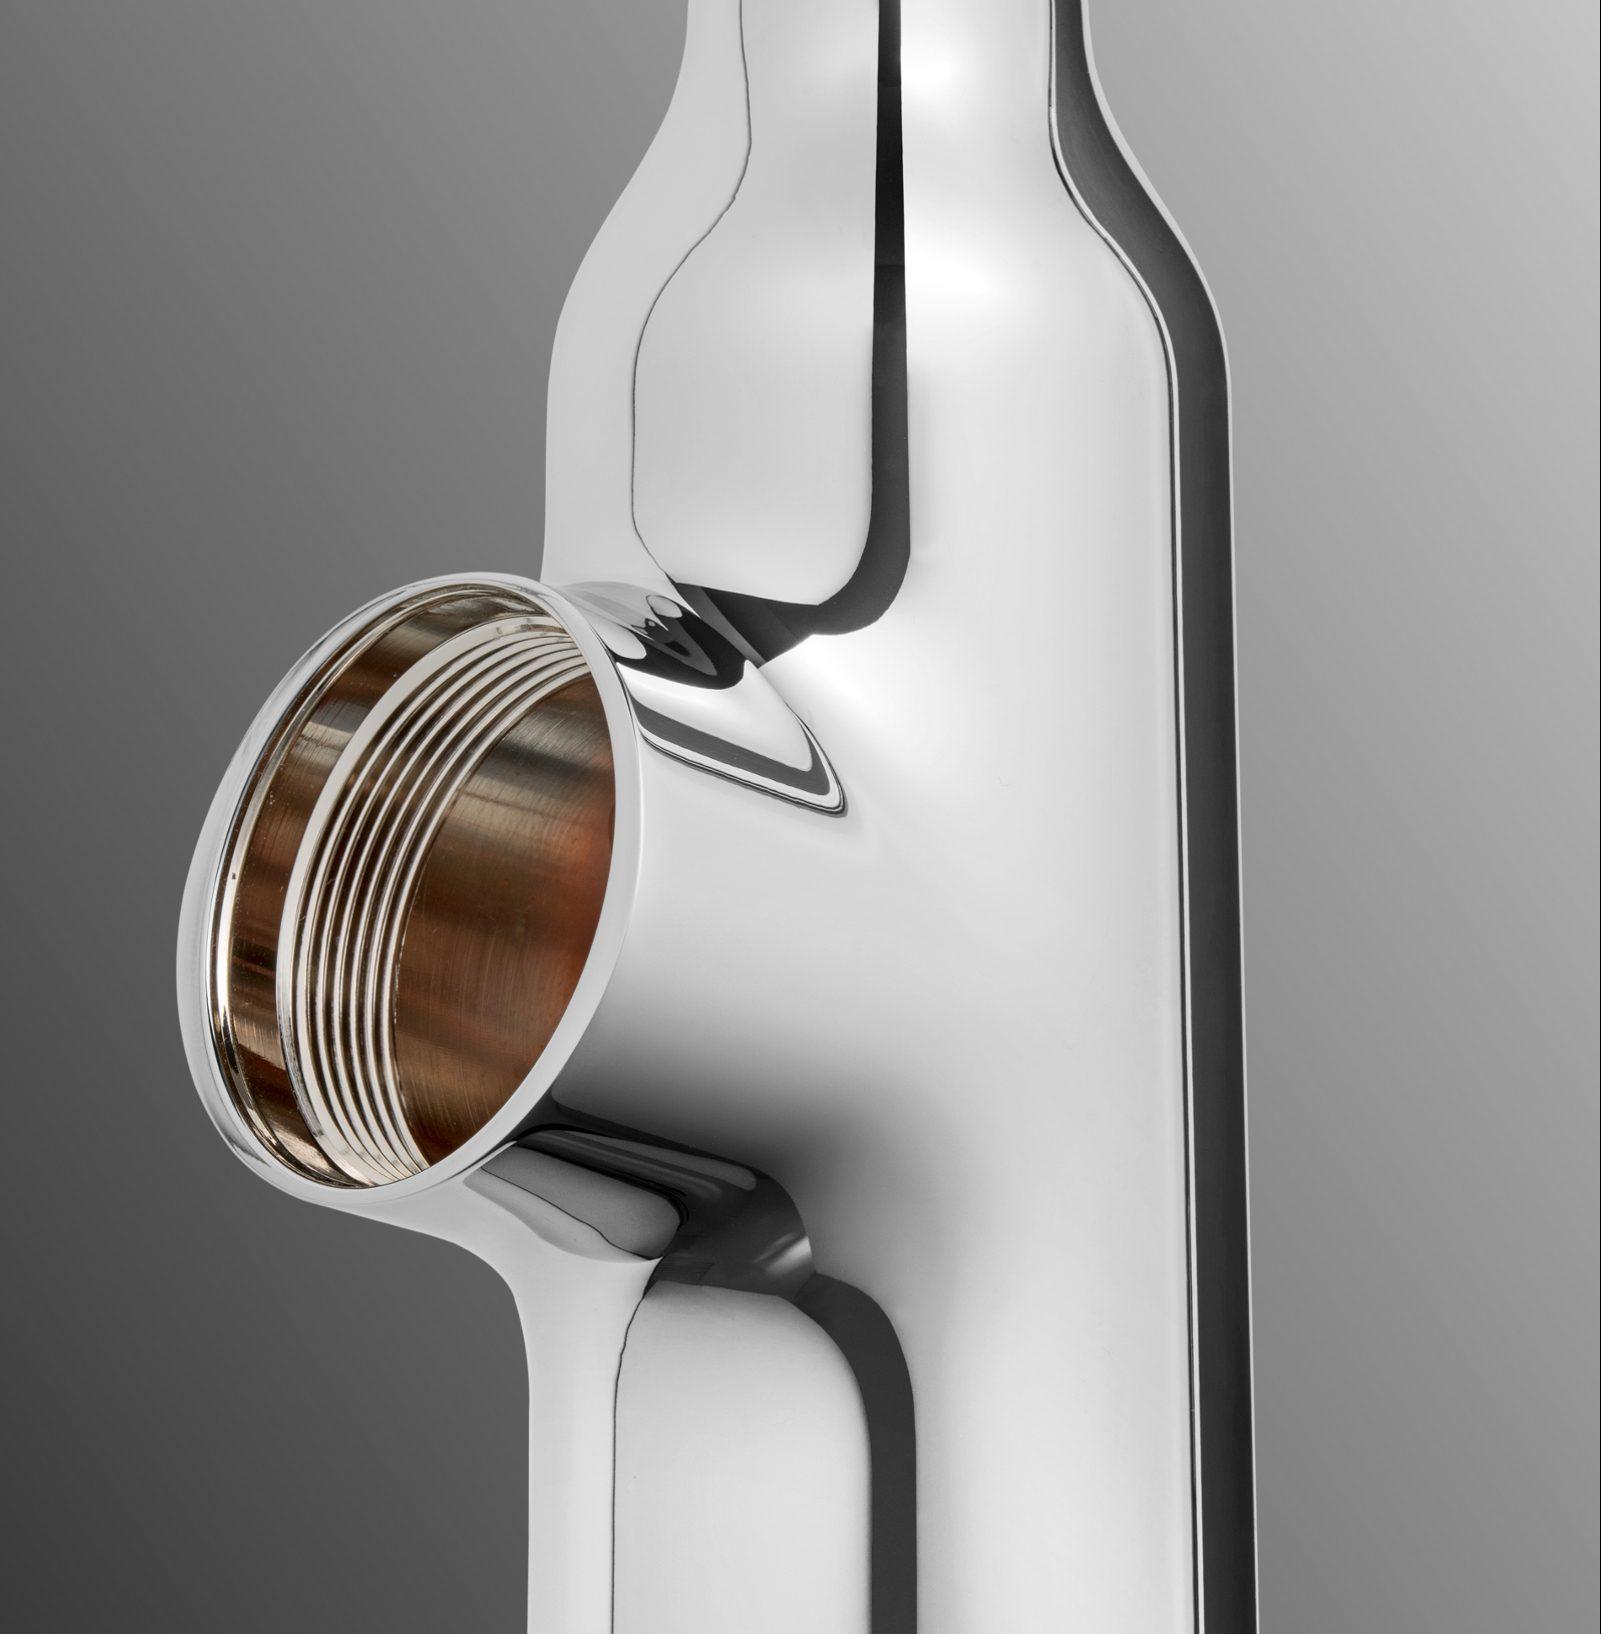 Grundkörper aus verchromtem Zinkdruckguss für eine Sanitärarmatur